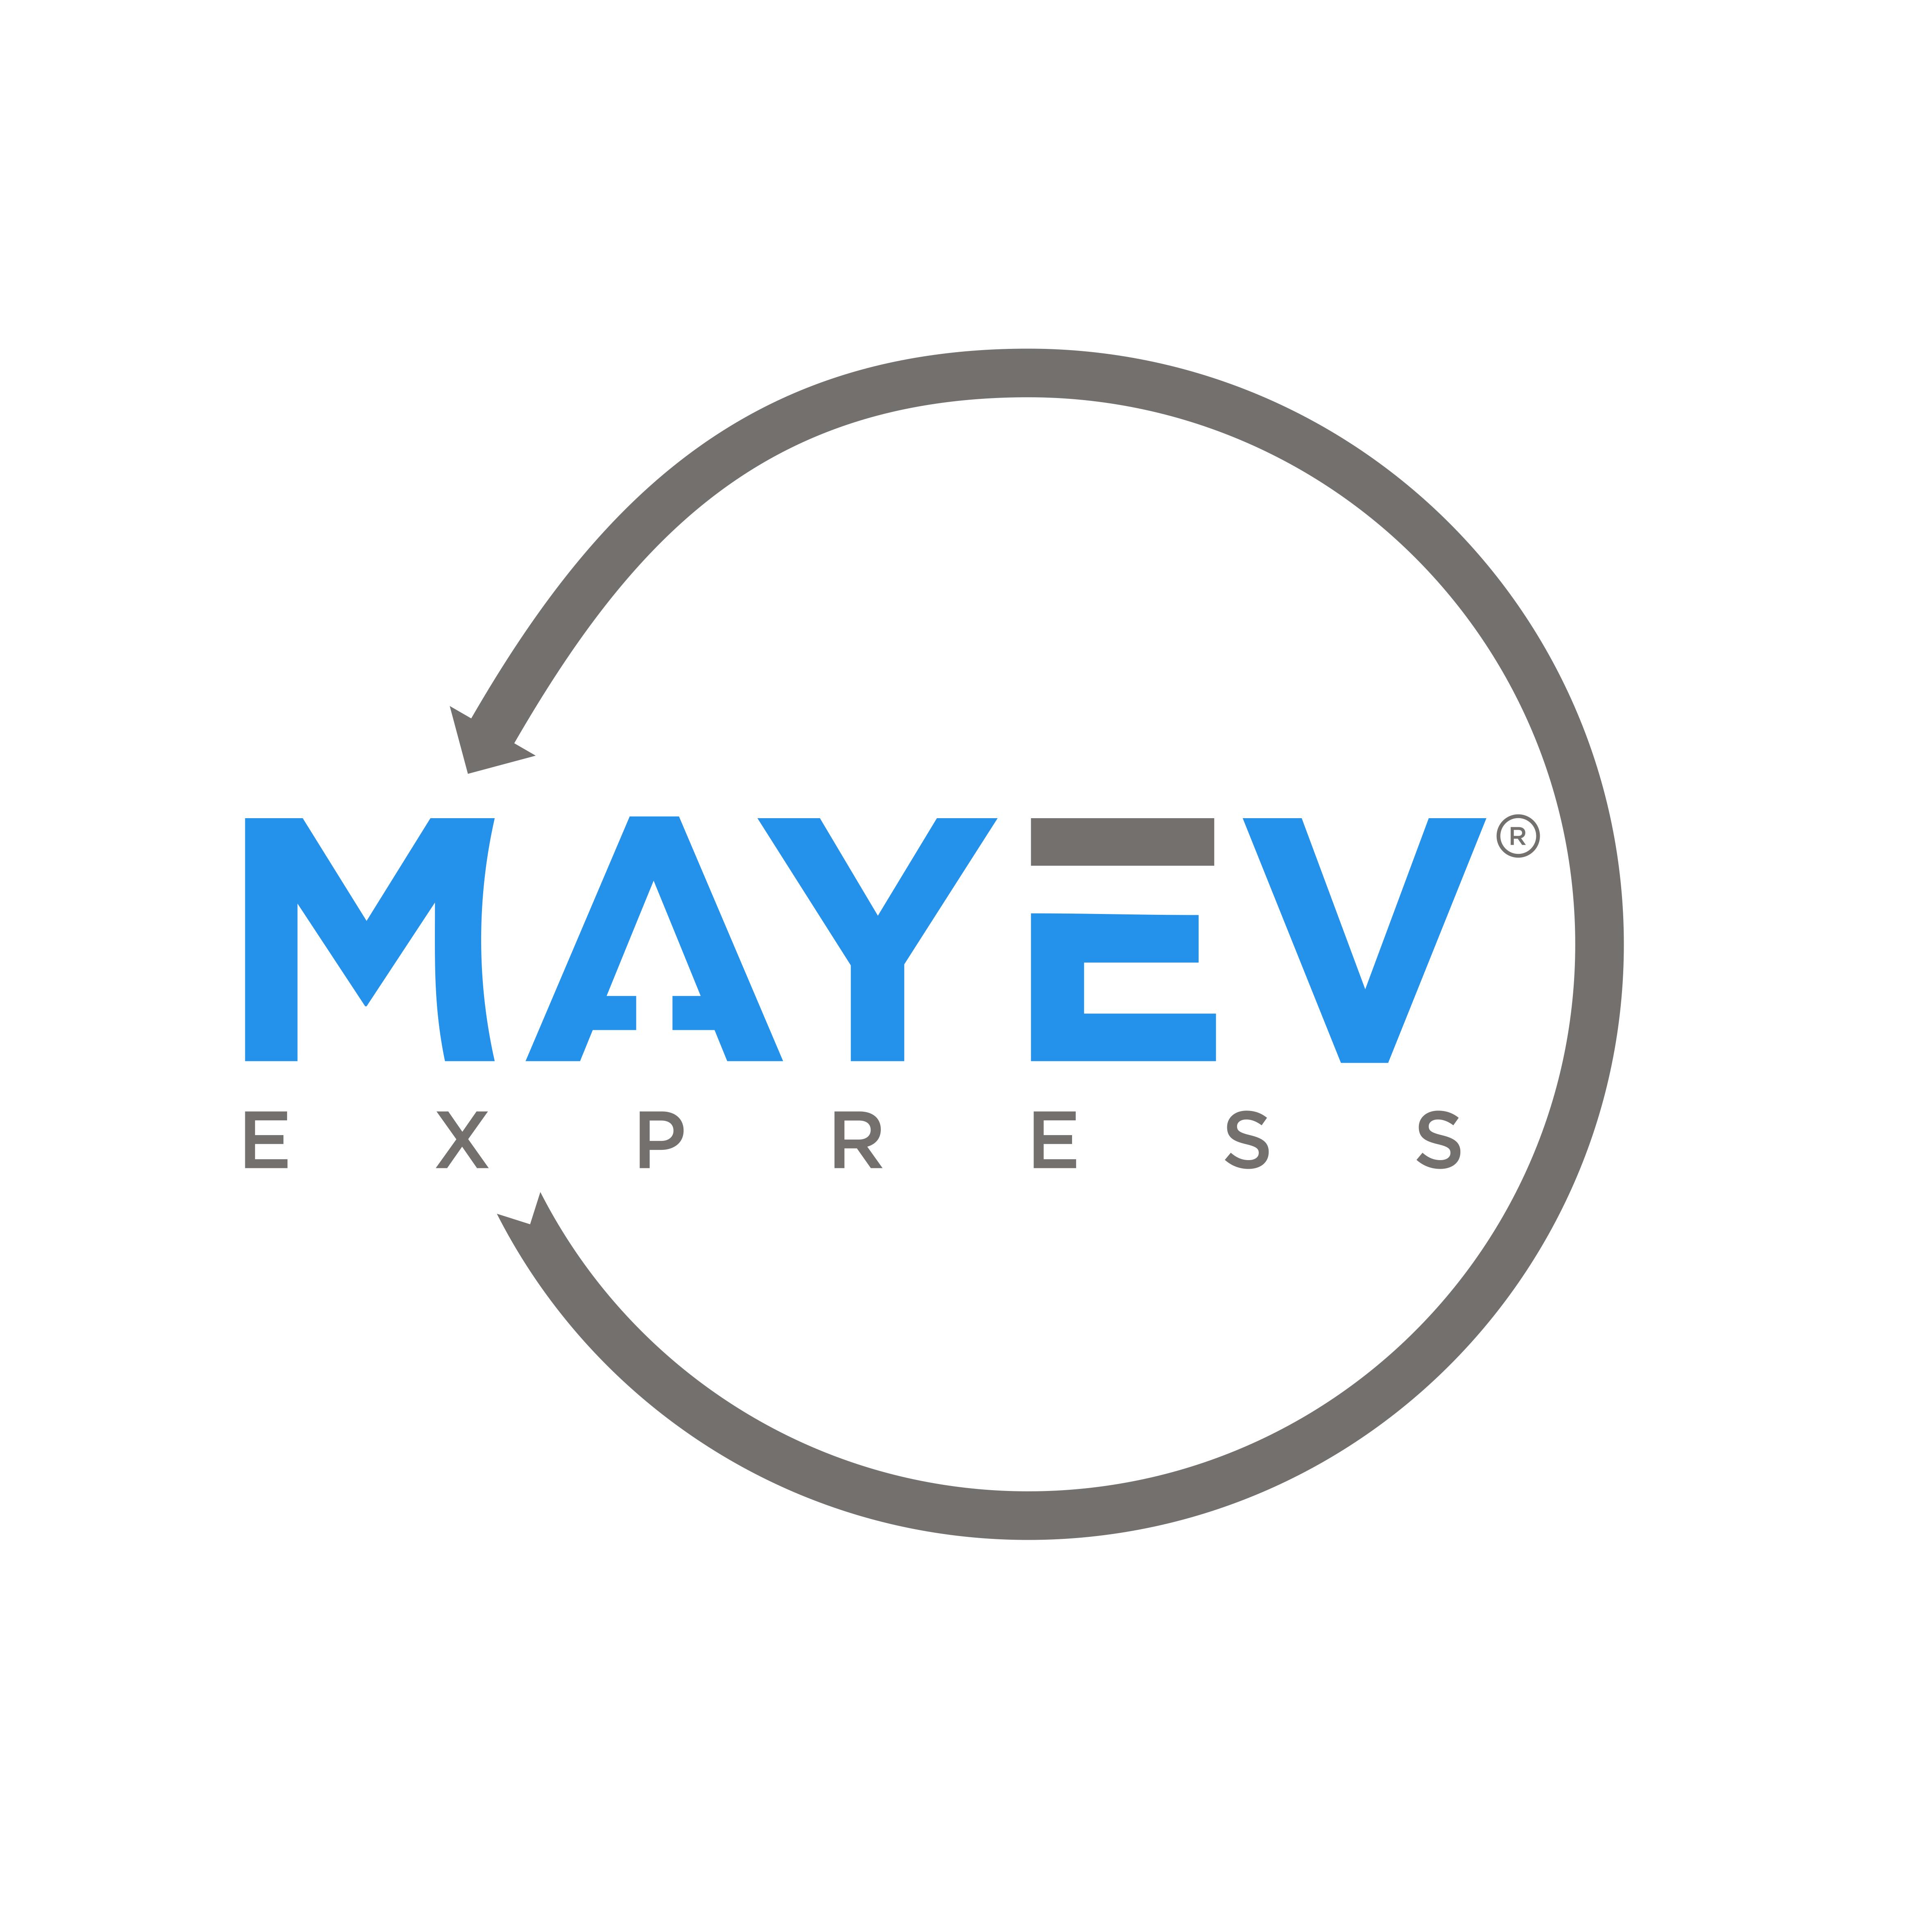 Mayev Express